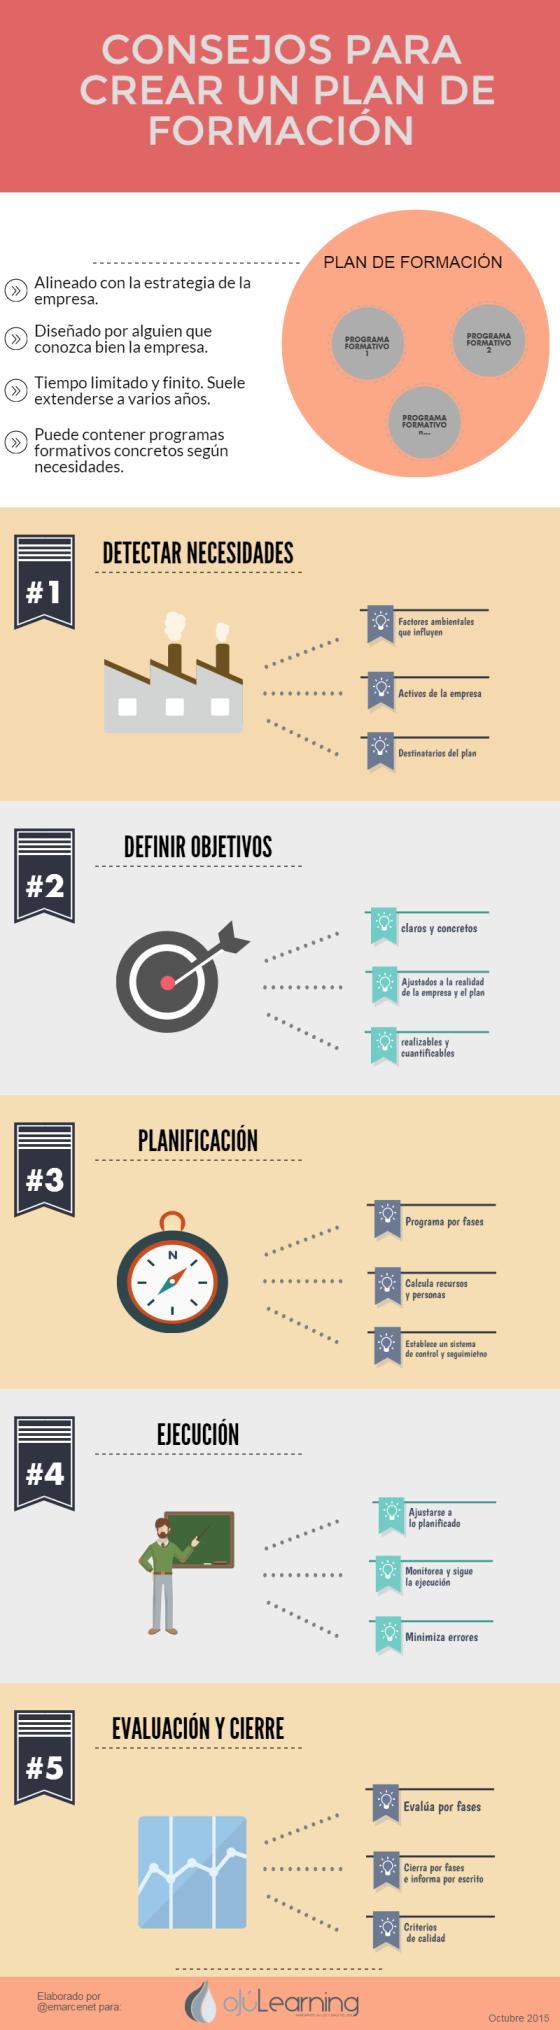 Consejos para elaborar un Plan de Formación